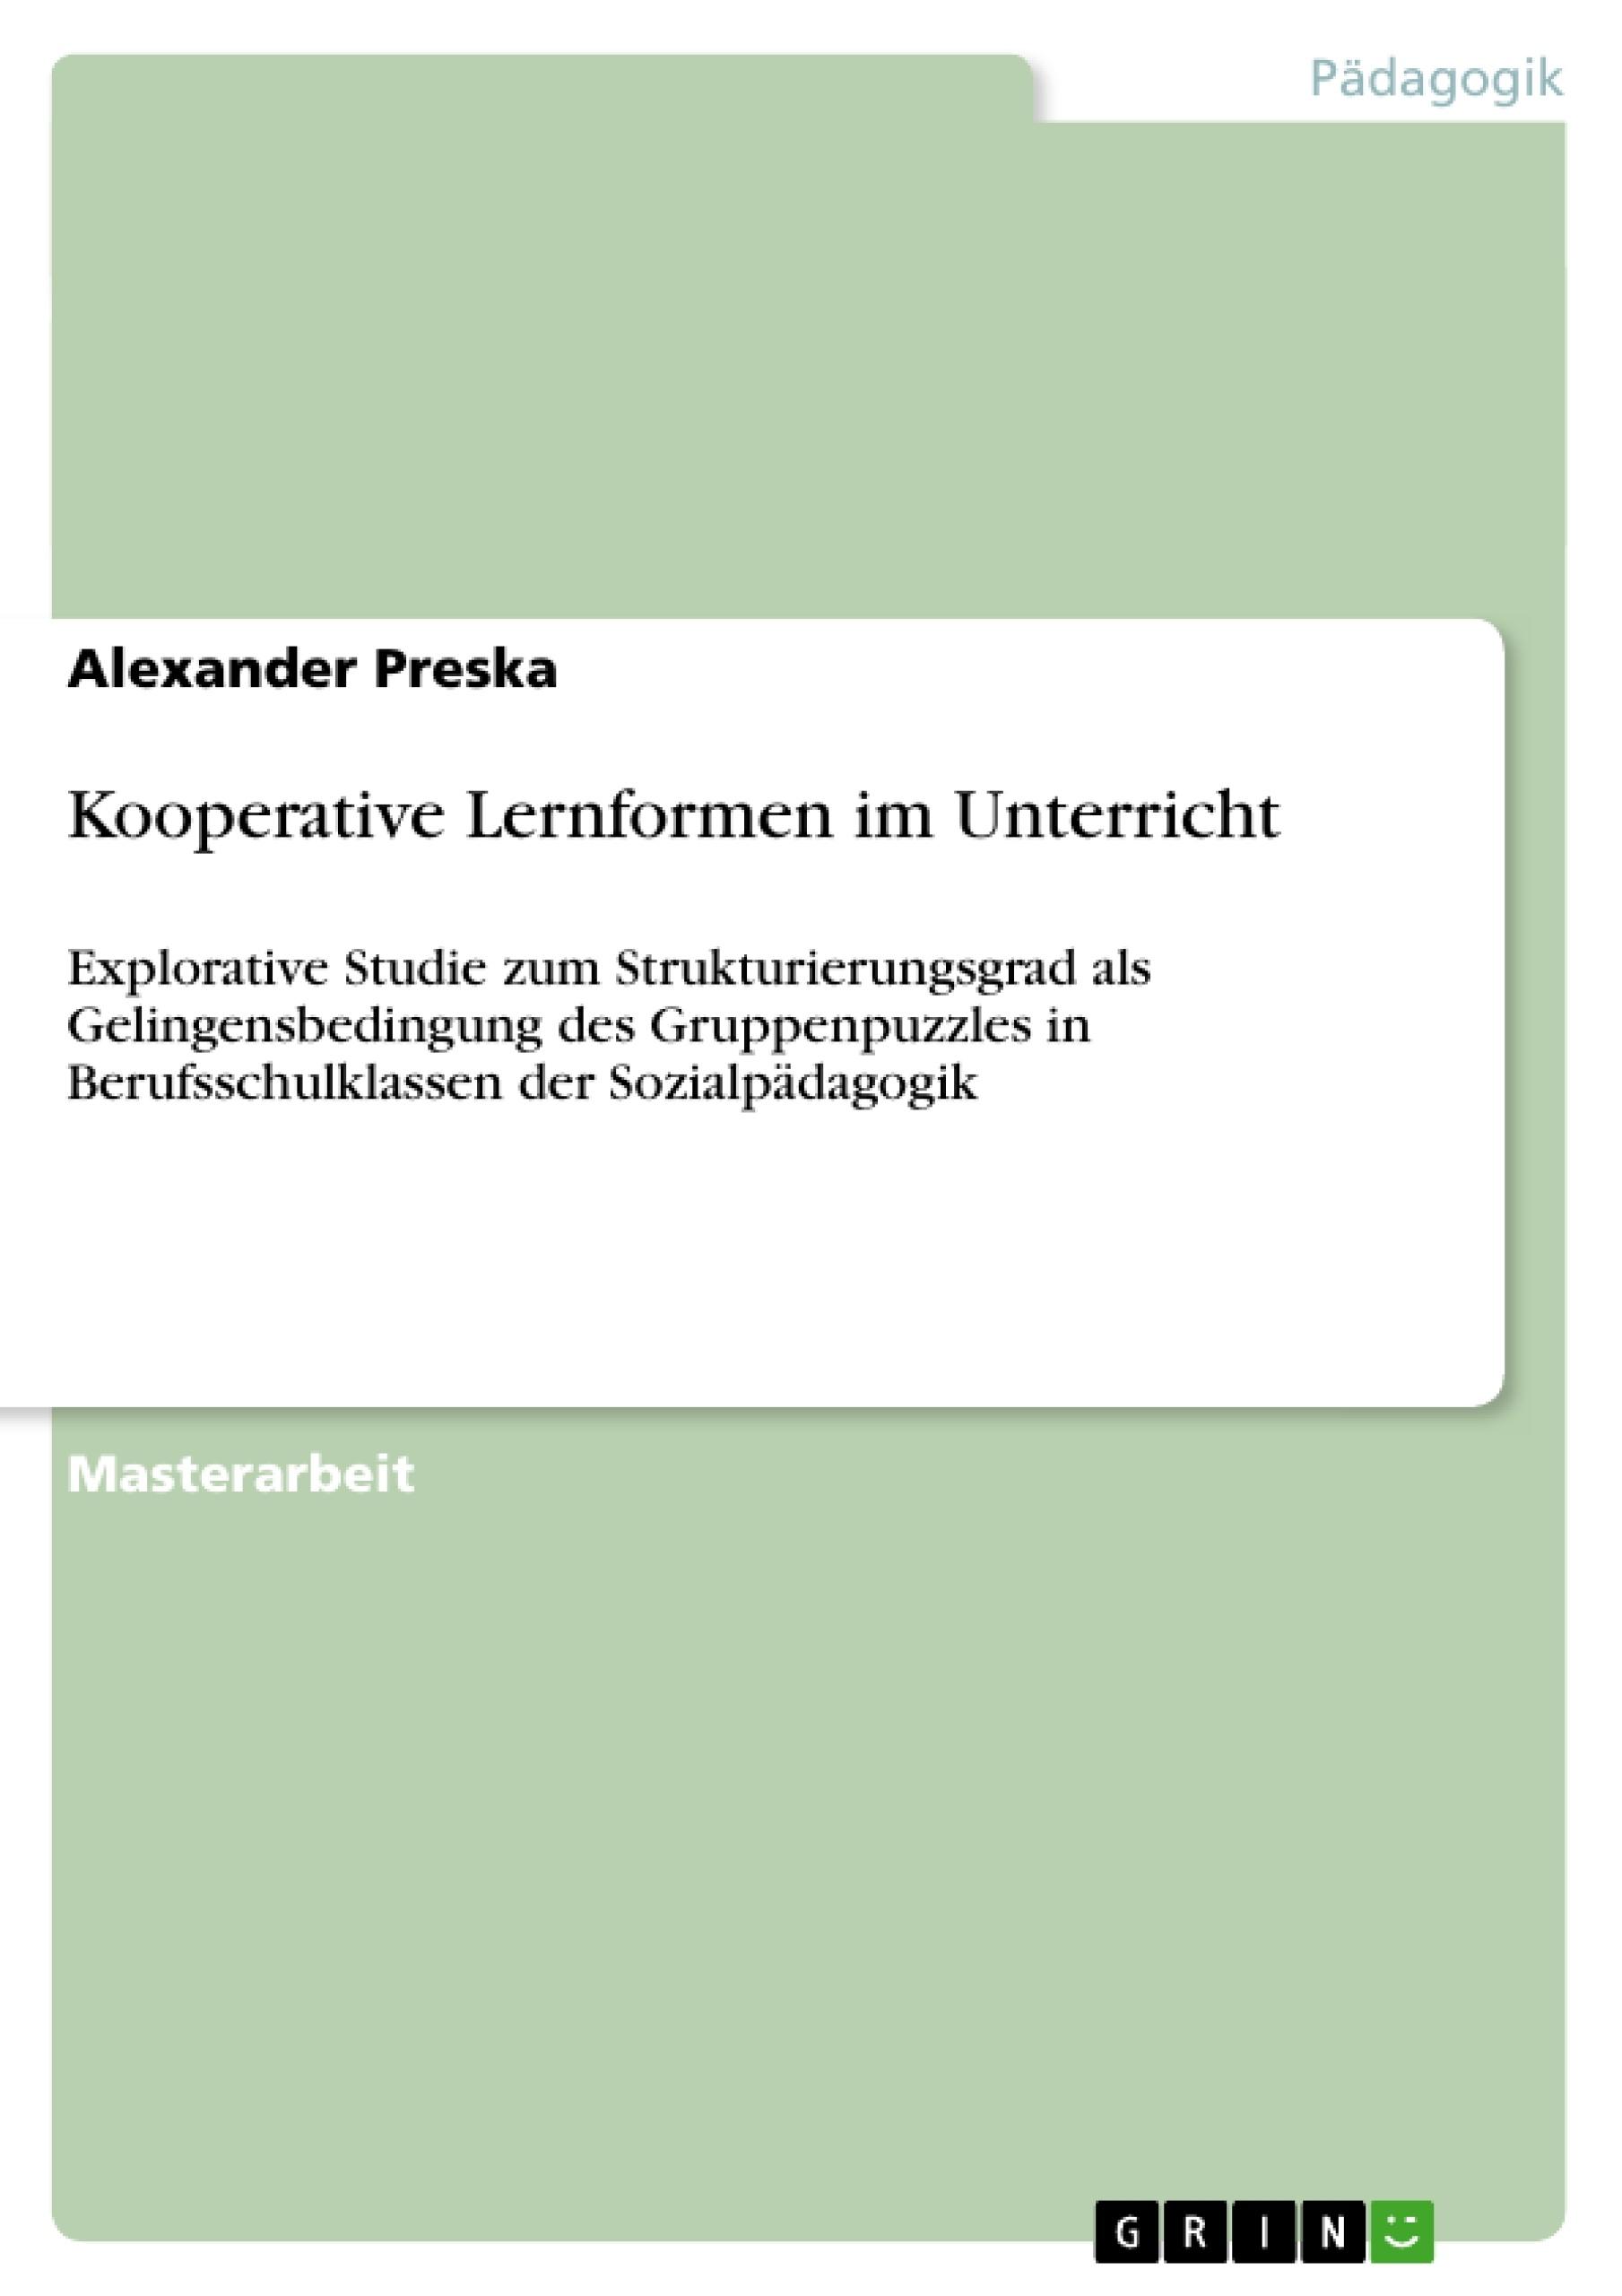 Titel: Kooperative Lernformen im Unterricht